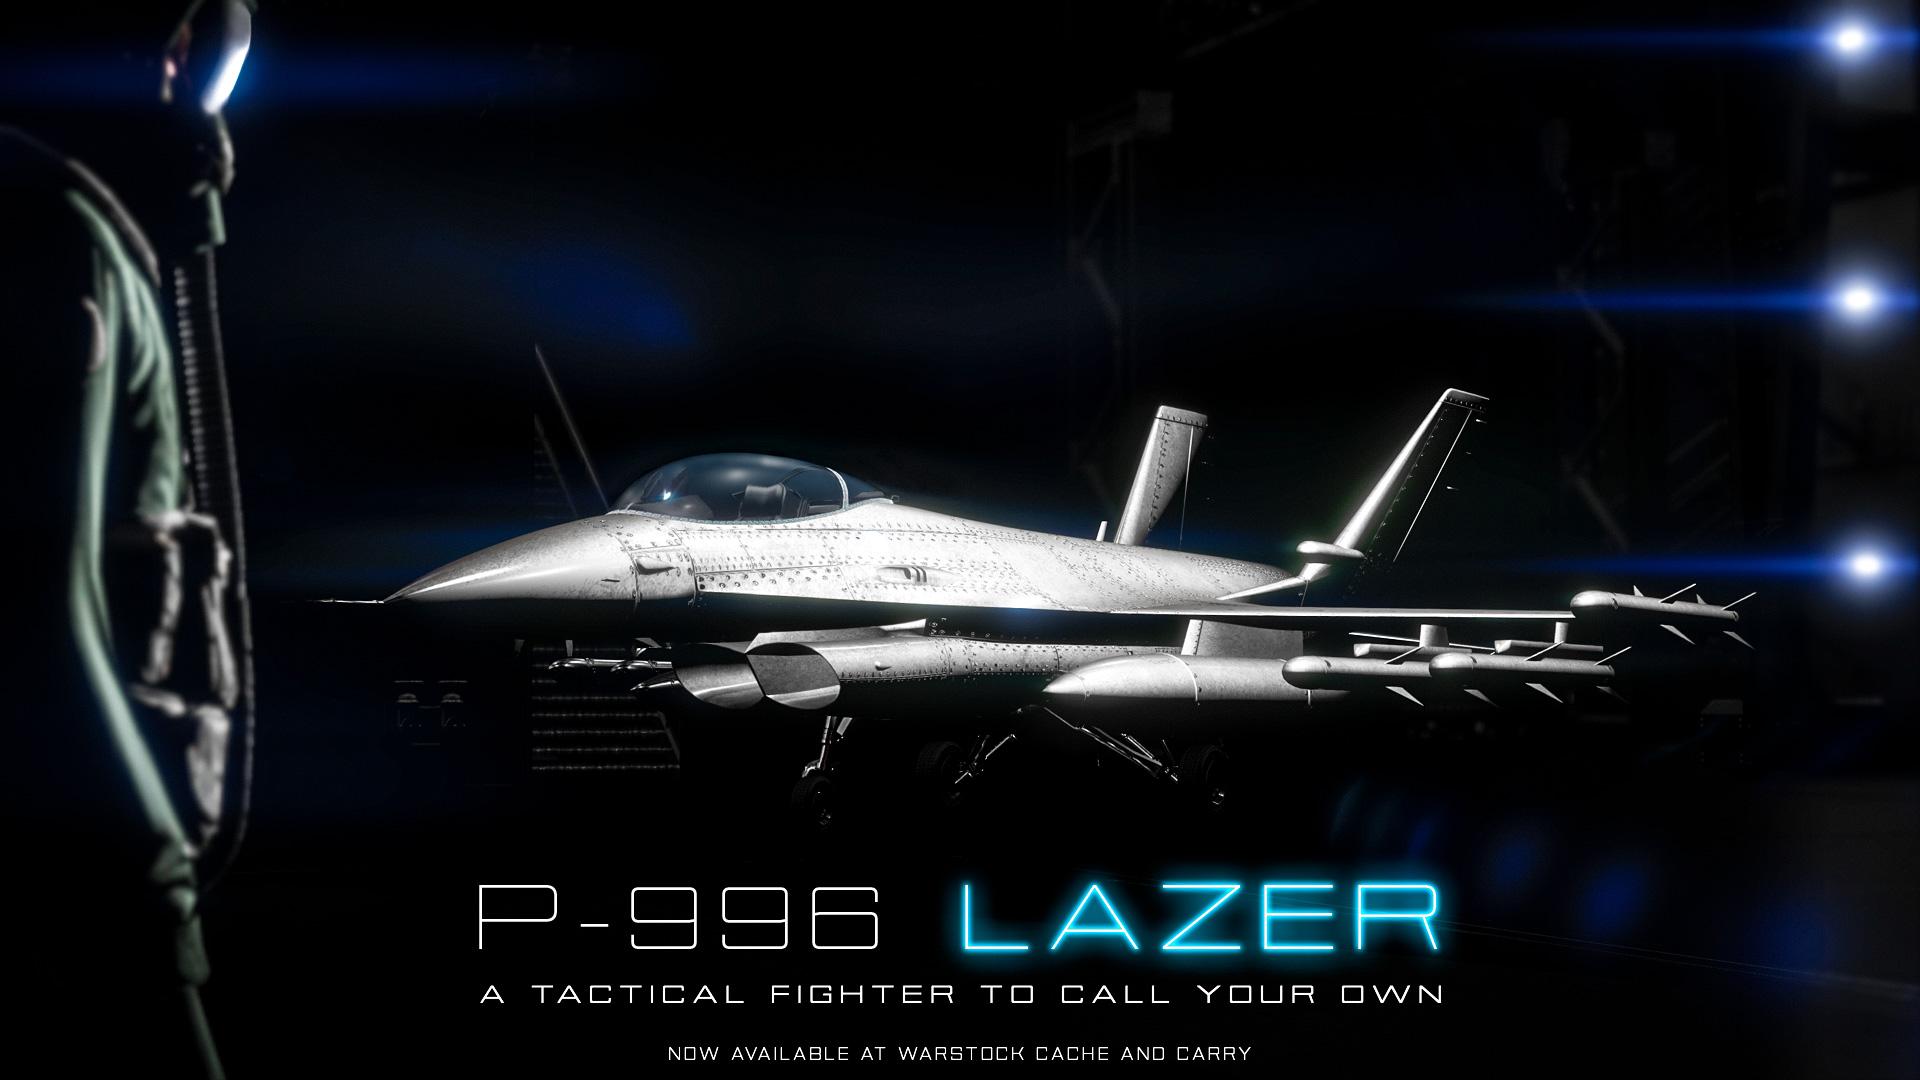 P-996 Lazer GTA Online